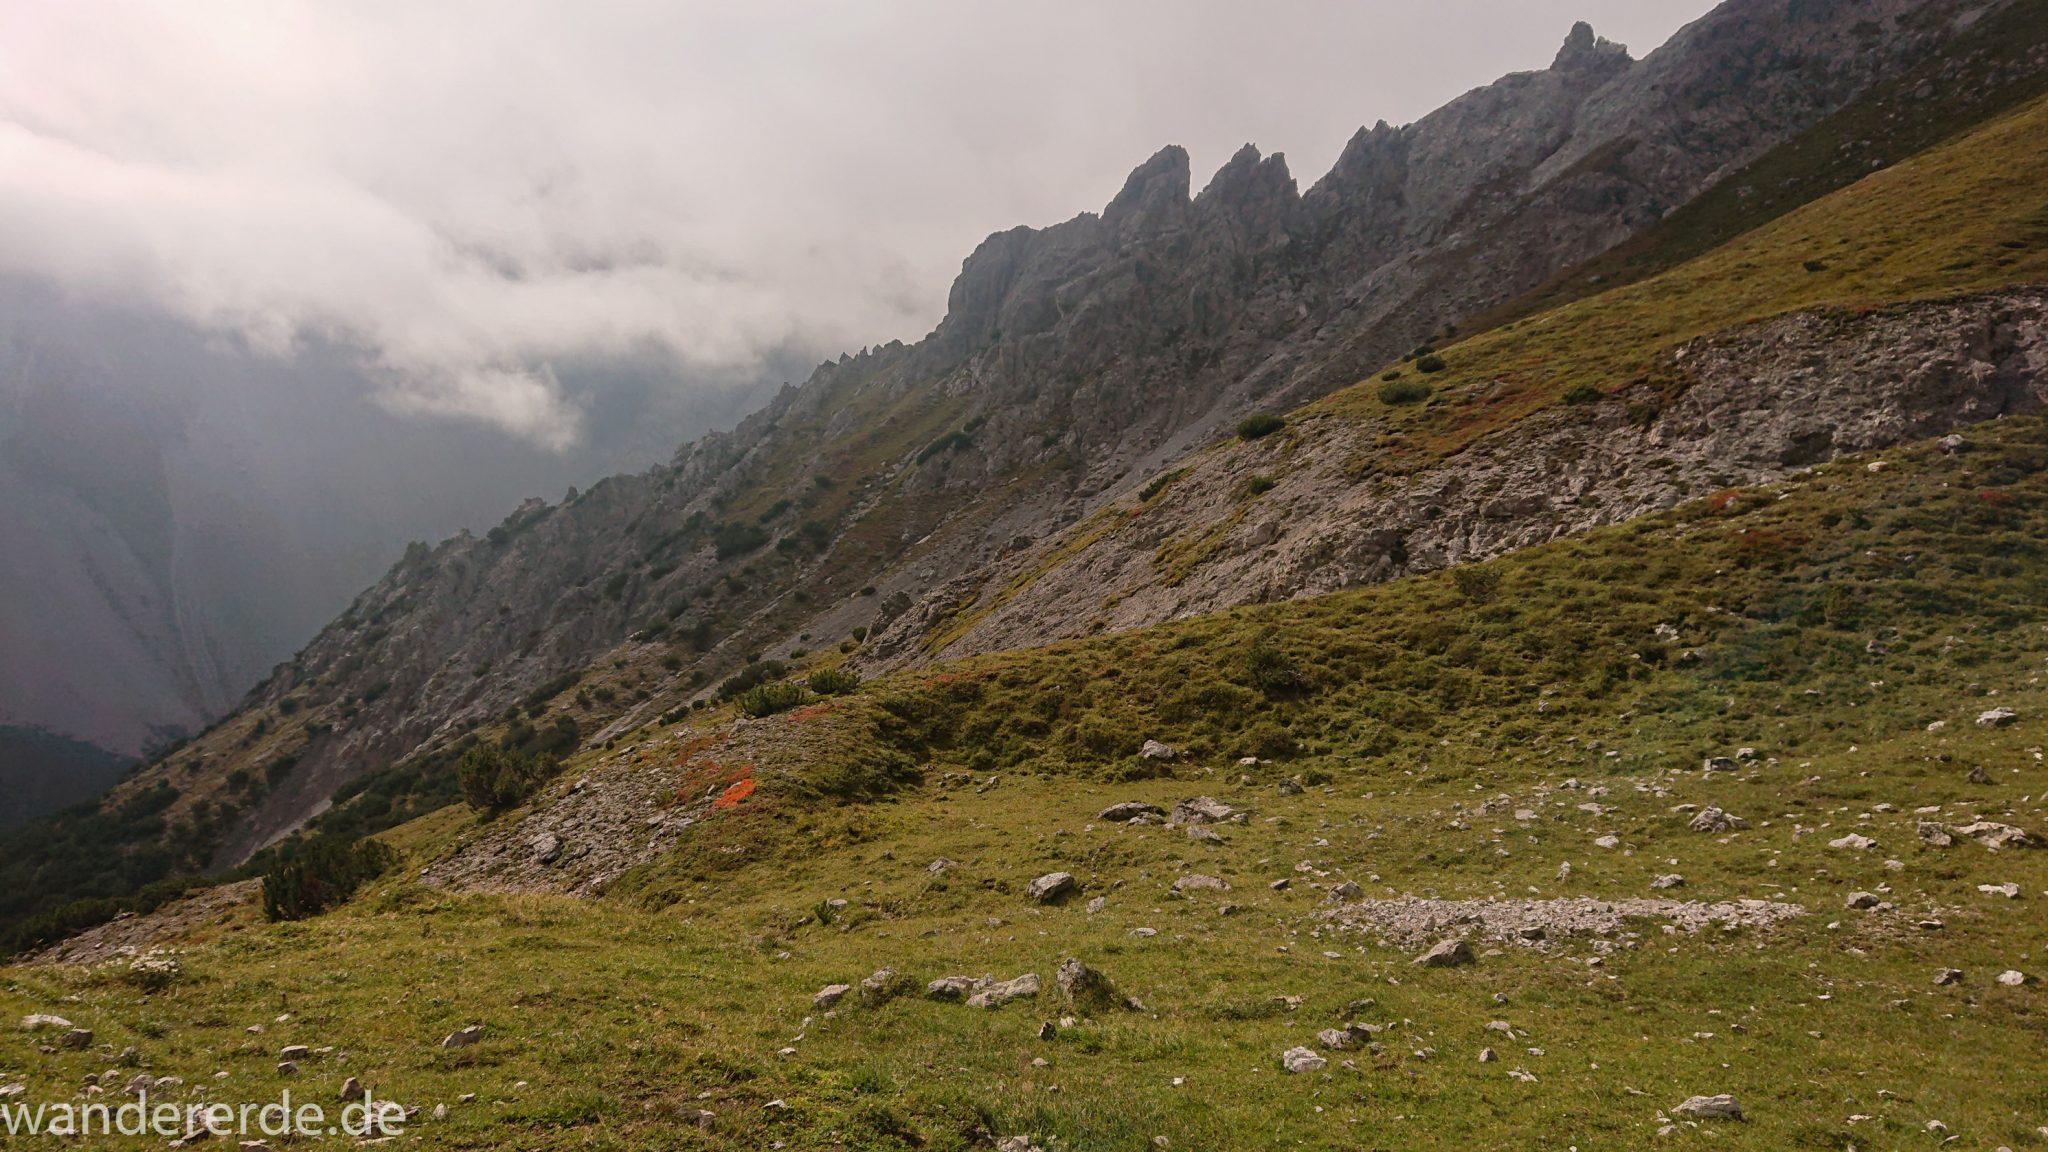 Alpenüberquerung Fernwanderweg E5 Oberstdorf Meran, 3. Etappe von Memminger Hütte zur Skihütte Zams, nach Erreichen der Seescharte folgt ein sehr langer Abstieg ins Lochbachtal Richtung Zams, Aussicht auf Berggipfel und Bergwiesen, Berge und Umgebung liegen teils im Nebel verborgen